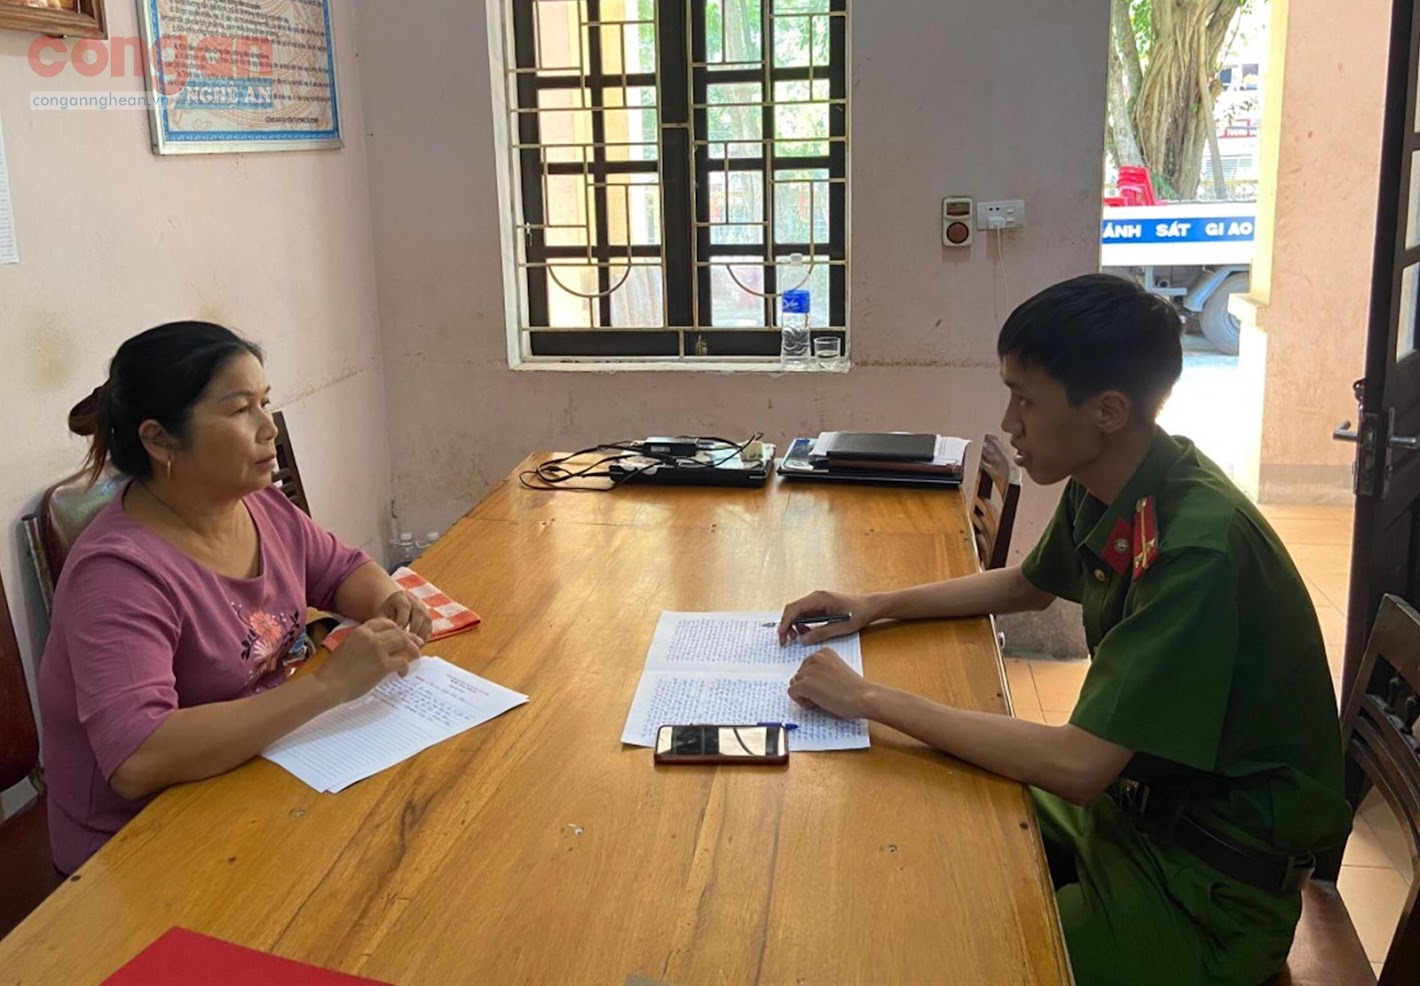 Công an huyện Tương Dương lấy lời khai đối tượng mua bán người